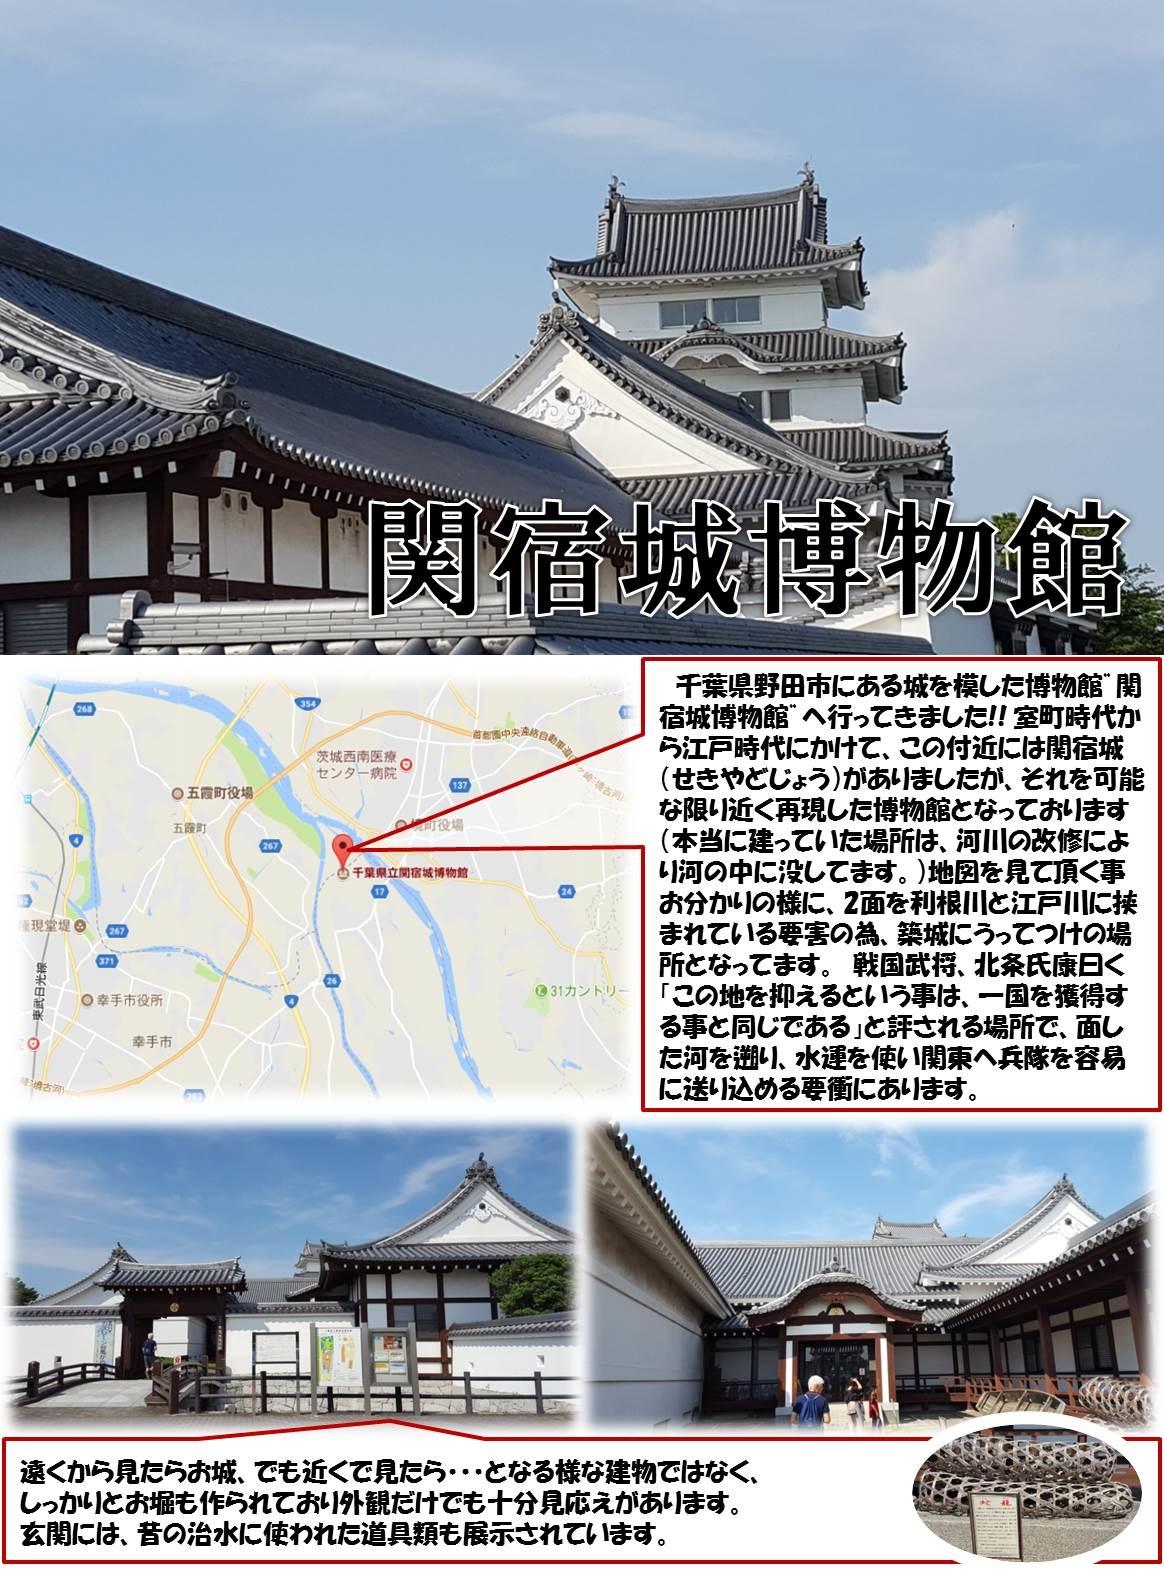 """関宿博物館 千葉県野田市にある城を模した博物館""""関宿博物館""""へ行ってきました!! 室町時代から江戸時代にかけて、この付近には関宿城(せきやどじょう)がありましたが、それを可能な限り近く再現した博物館となっております(本当に建っていた場所は、河川の改修により河の中に没してます。)地図を見て頂く事お分かりの様に、2面を利根川と江戸川に挟まれている要害の為、築城にうってつけの場所となってます。 戦国武将、北条氏康曰く「この地を抑えるという事は、一国を獲得する事と同じである」と評される場所で、面した河を遡り、水運を使い関東へ兵隊を容易に送り込める要衝にあります。遠くから見たらお城、でも近くで見たら・・・となる様な建物ではなく、しっかりとお堀も作られており外観だけでも十分見応えがあります。 玄関には、昔の治水に使われた道具類も展示されています。"""